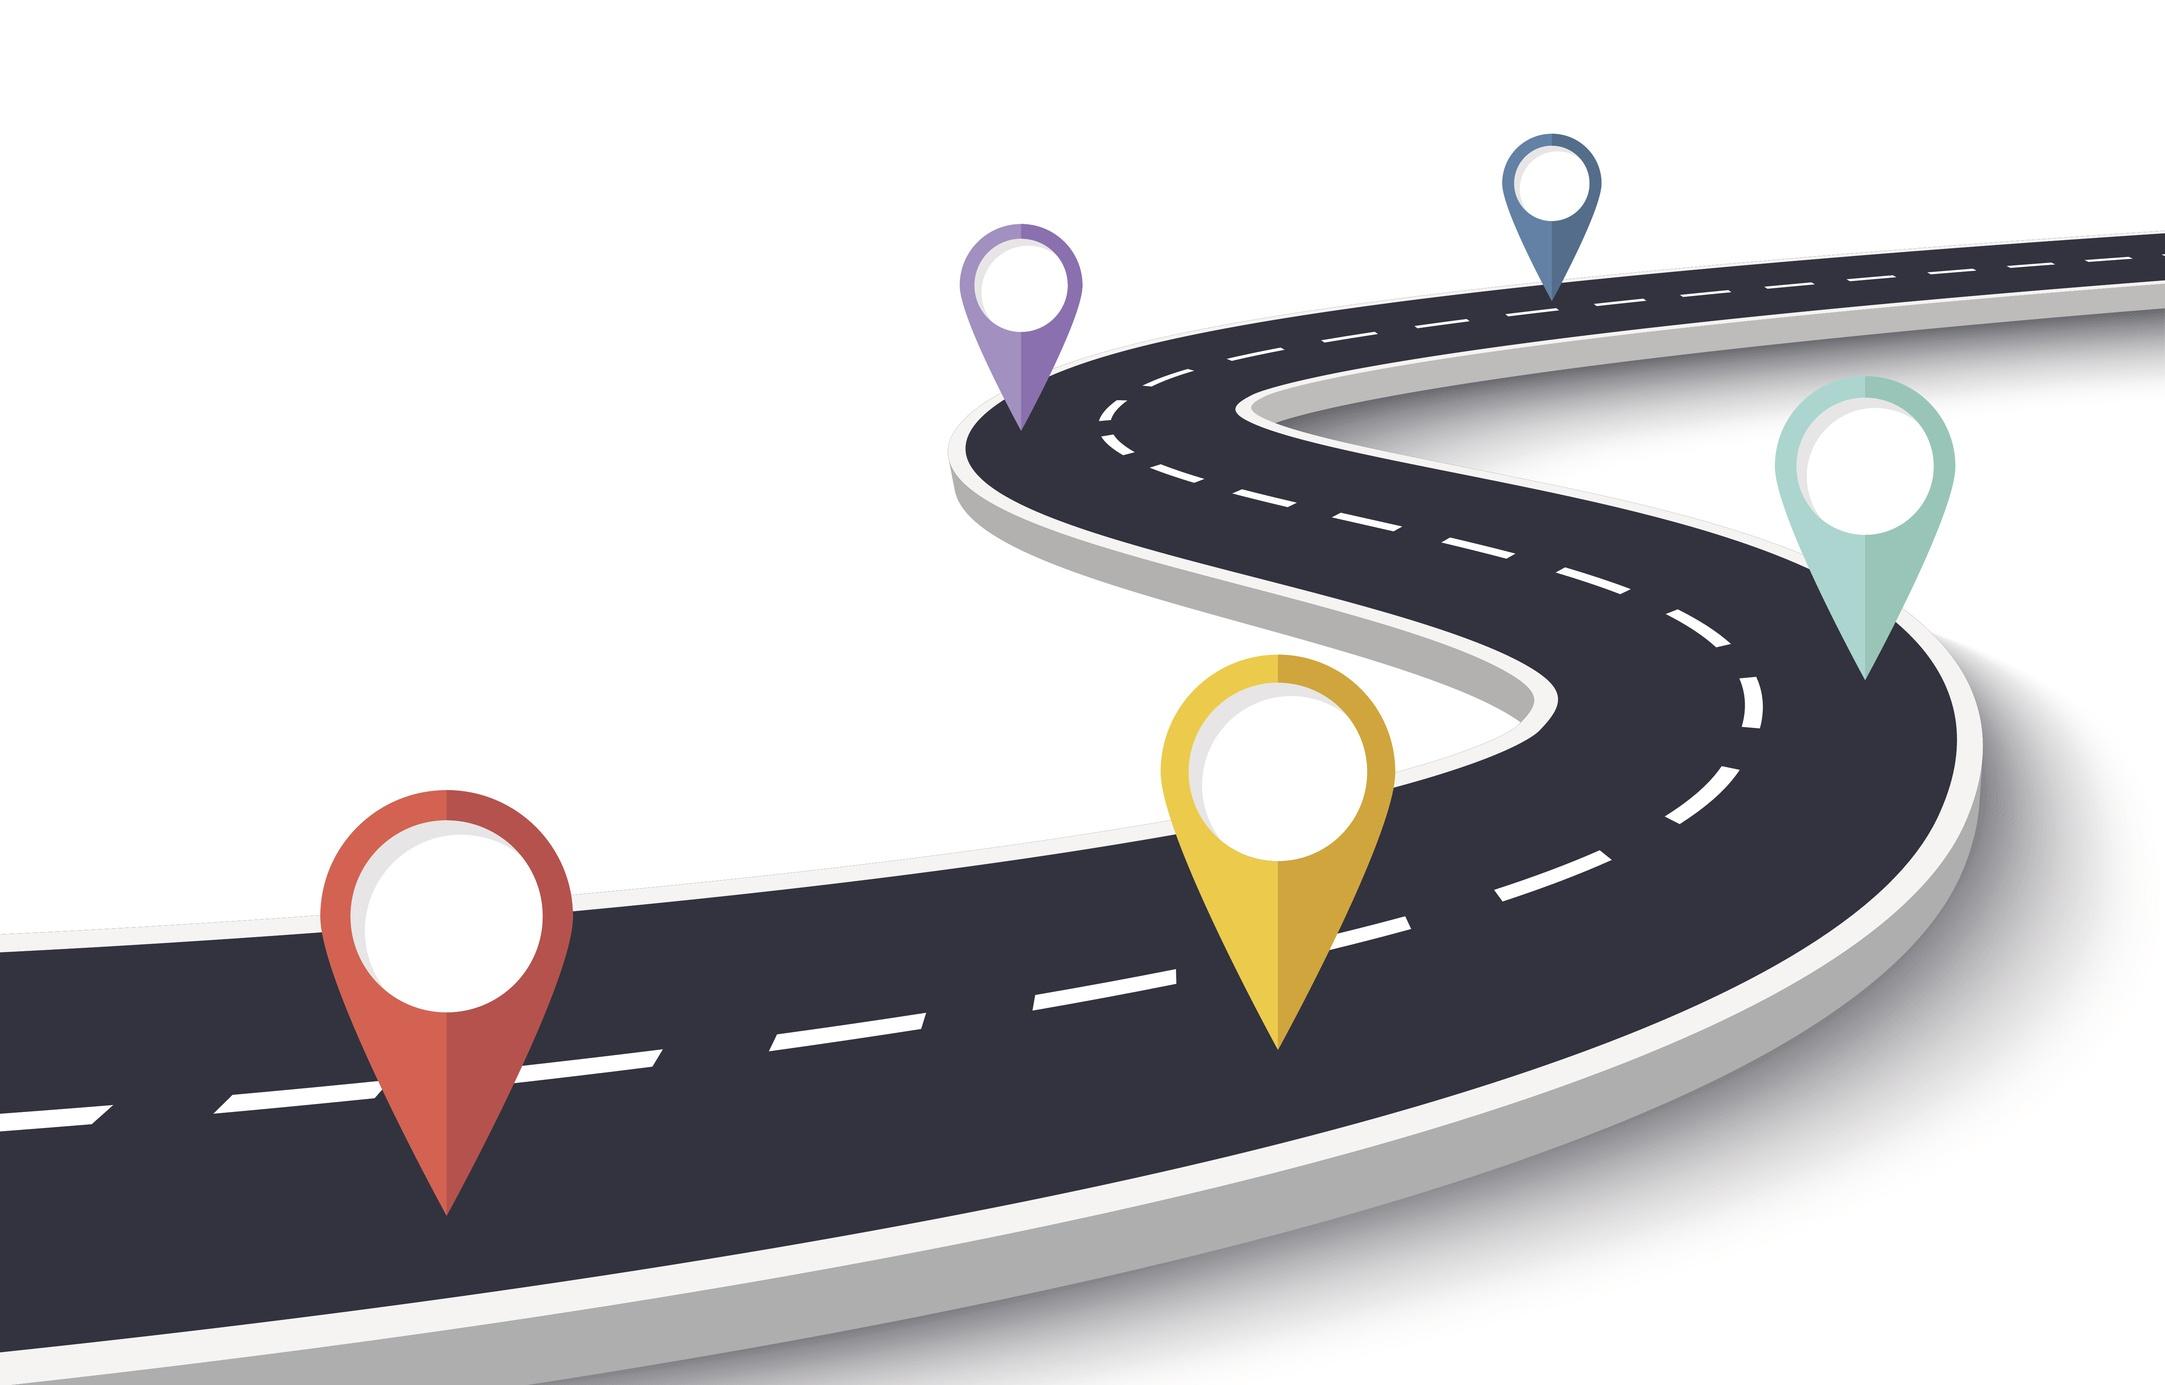 Blog-FR-Prévoyance-comment s'adapter aux évolutions réglementaires en prévoyance.jpg